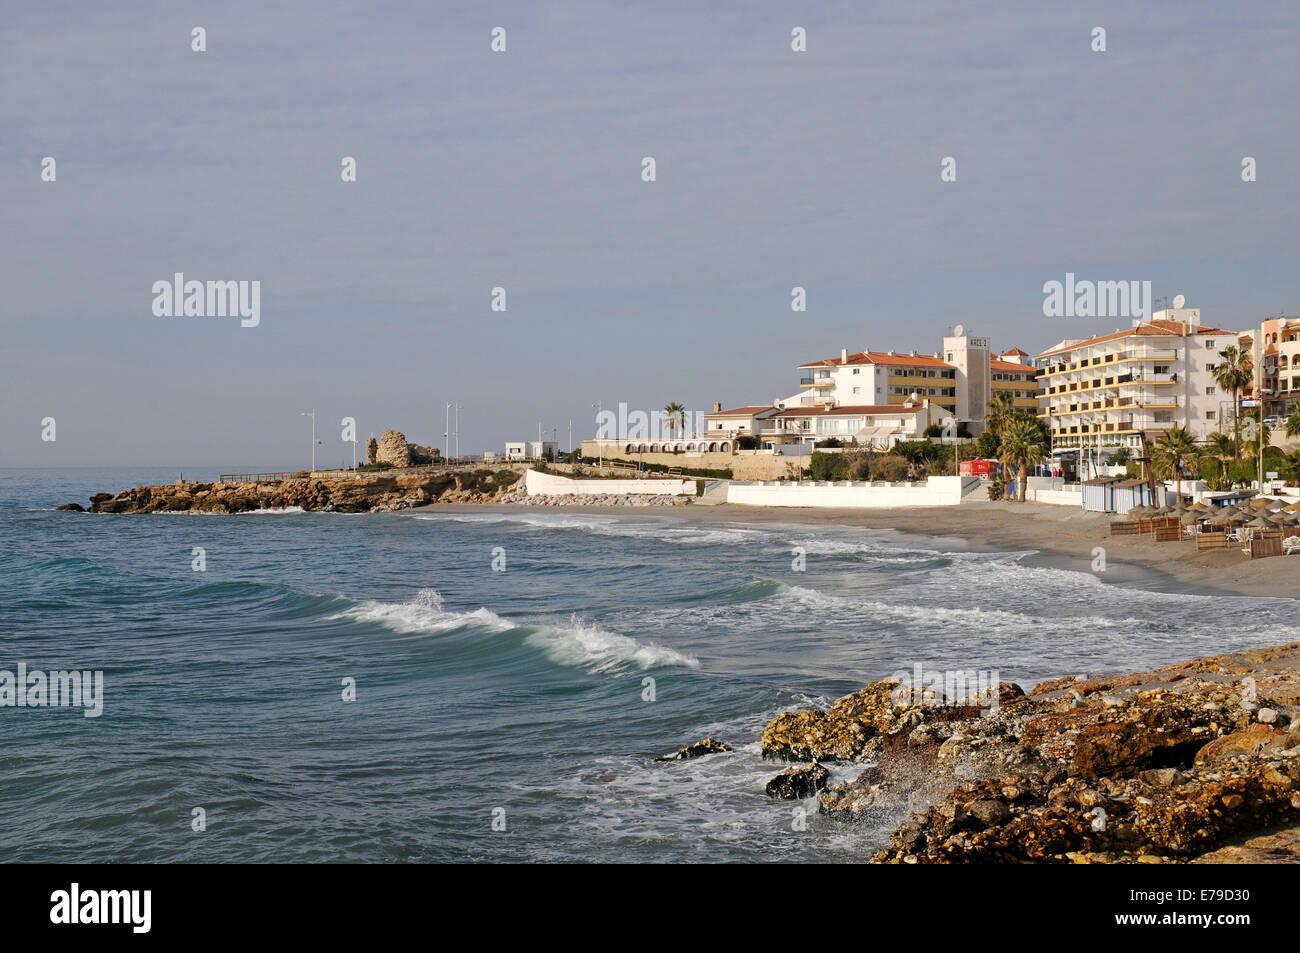 Playa El Salón, beach, Nerja, Málaga Province, Costa del Sol, Andalusia, Spain - Stock Image